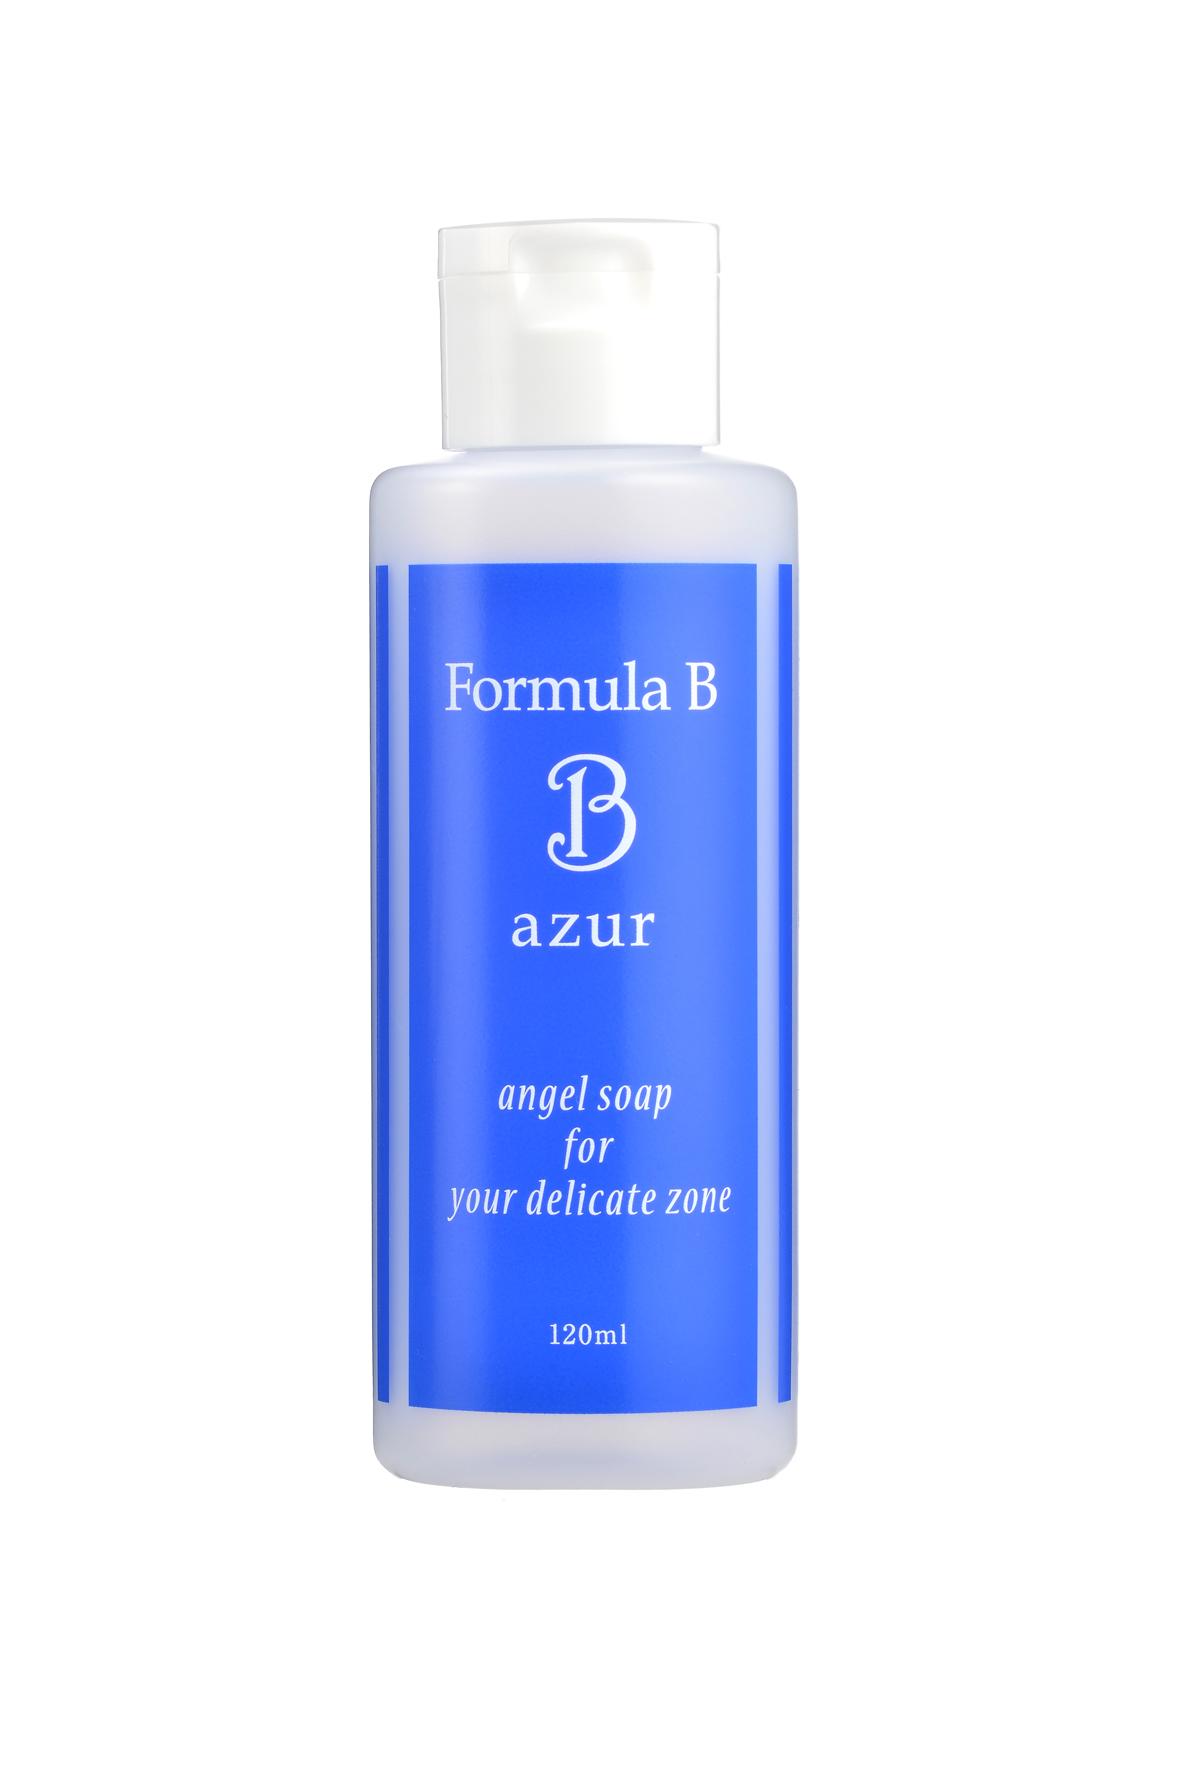 弱酸性で優しく、消臭、色素沈着を防ぐ植物エストロゲン配合 女性用デリケートゾーンソープ「フォーミラBアジュール」2014年7月31日(木) 新発売